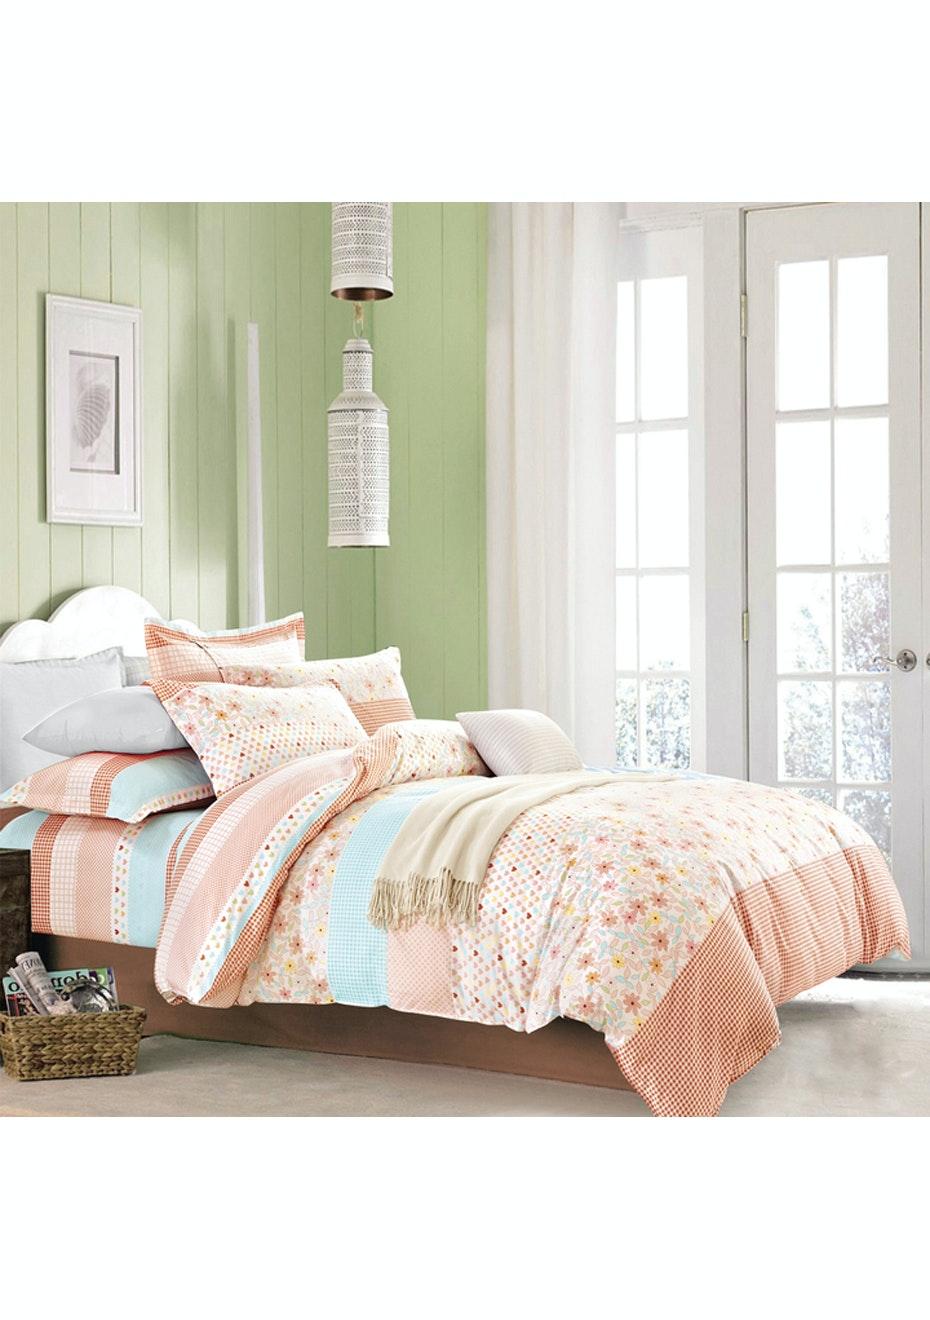 Emma Quilt Cover Set - Reversible Design - 100% Cotton - Double Bed